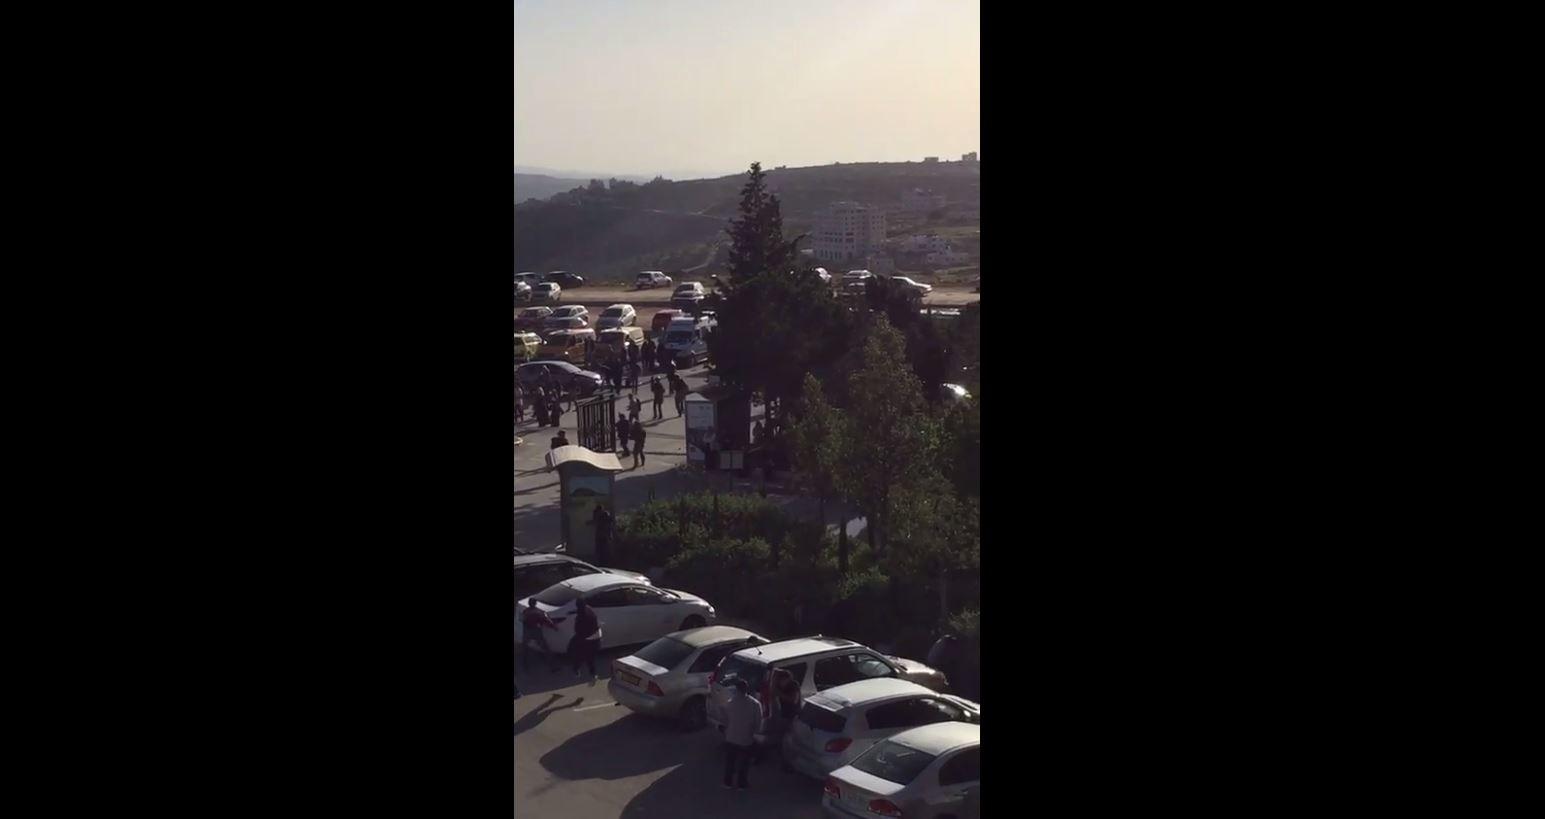 بالفيديو :وحدة إسرائيلية خاصة تقتحم جامعة بيرزيت وتختطف رئيس مجلس الطلبة